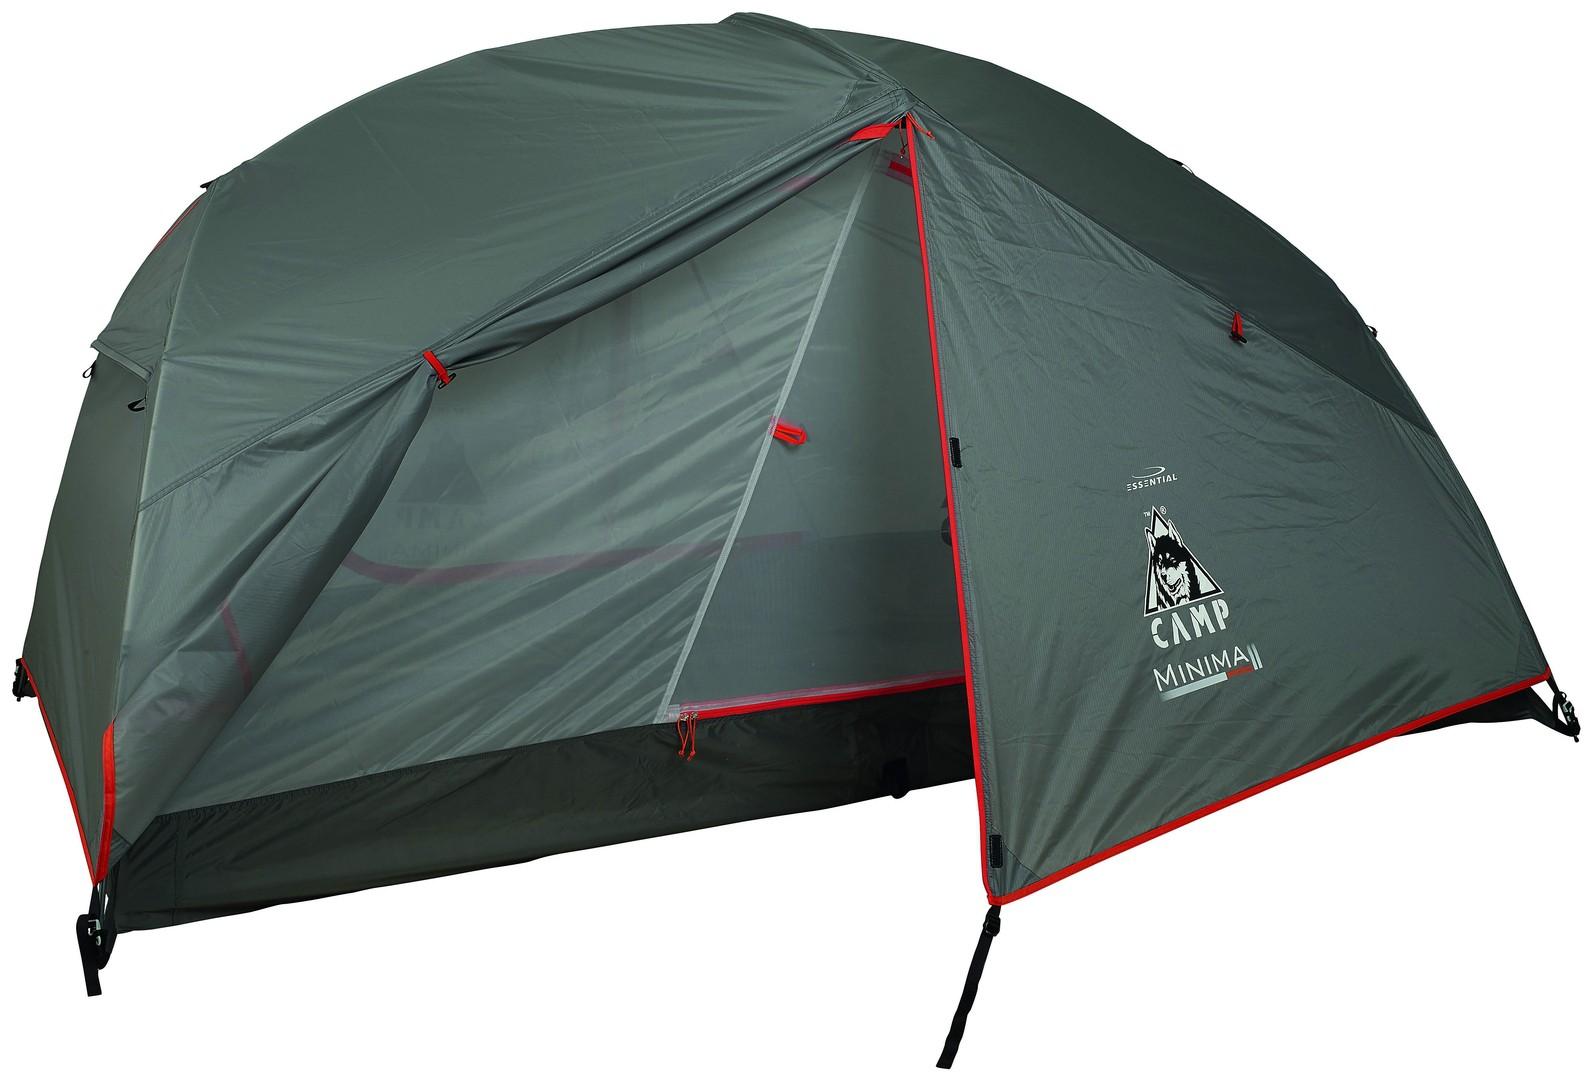 Tente Camp Minima 2 Pro